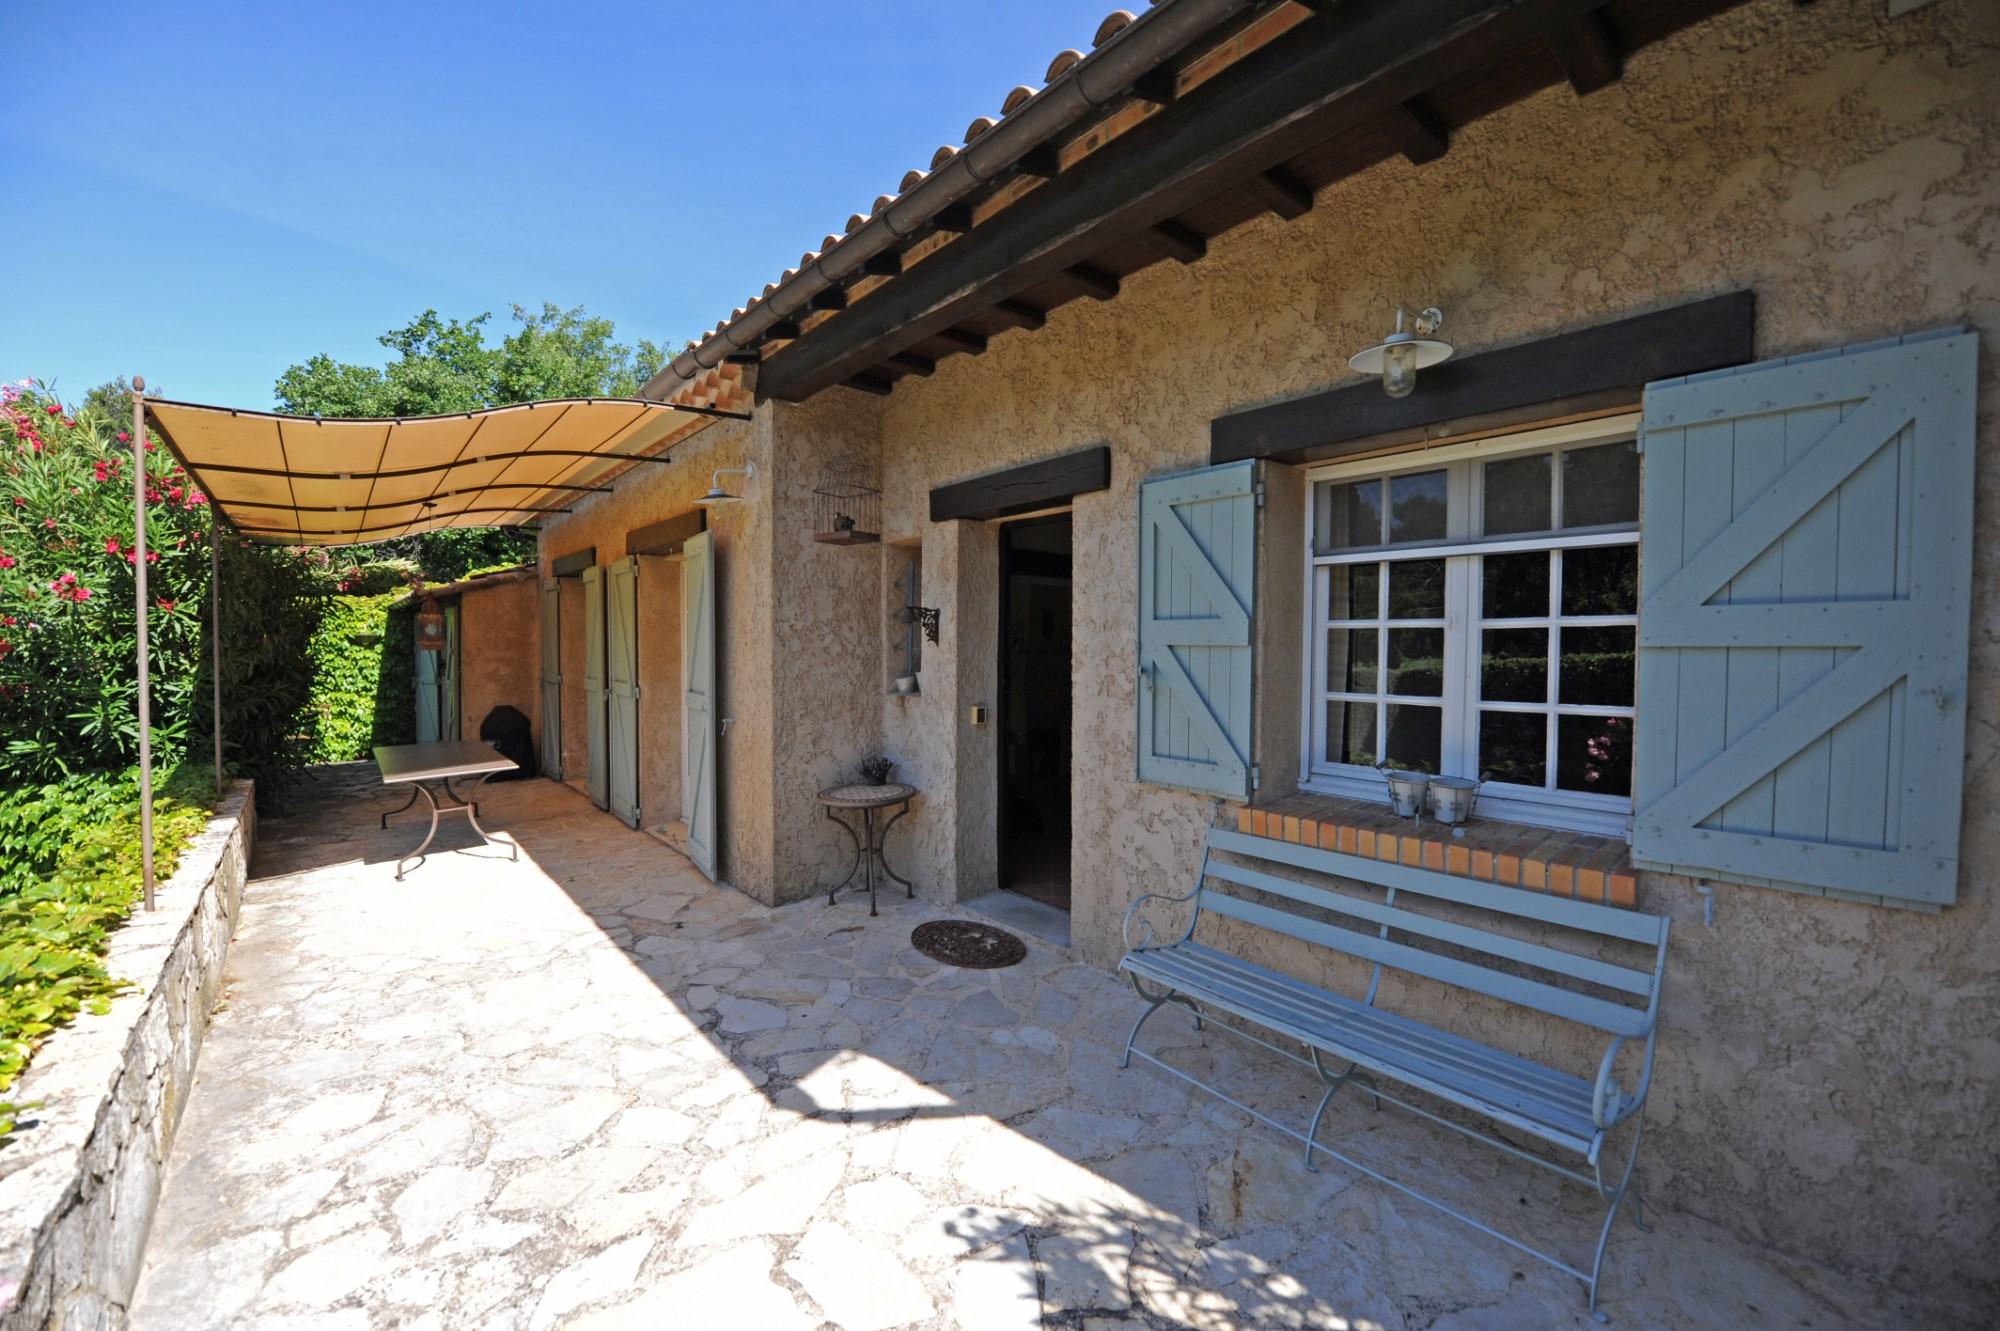 A vendre à Ménerbes, belle villa de plain-pied avec piscine